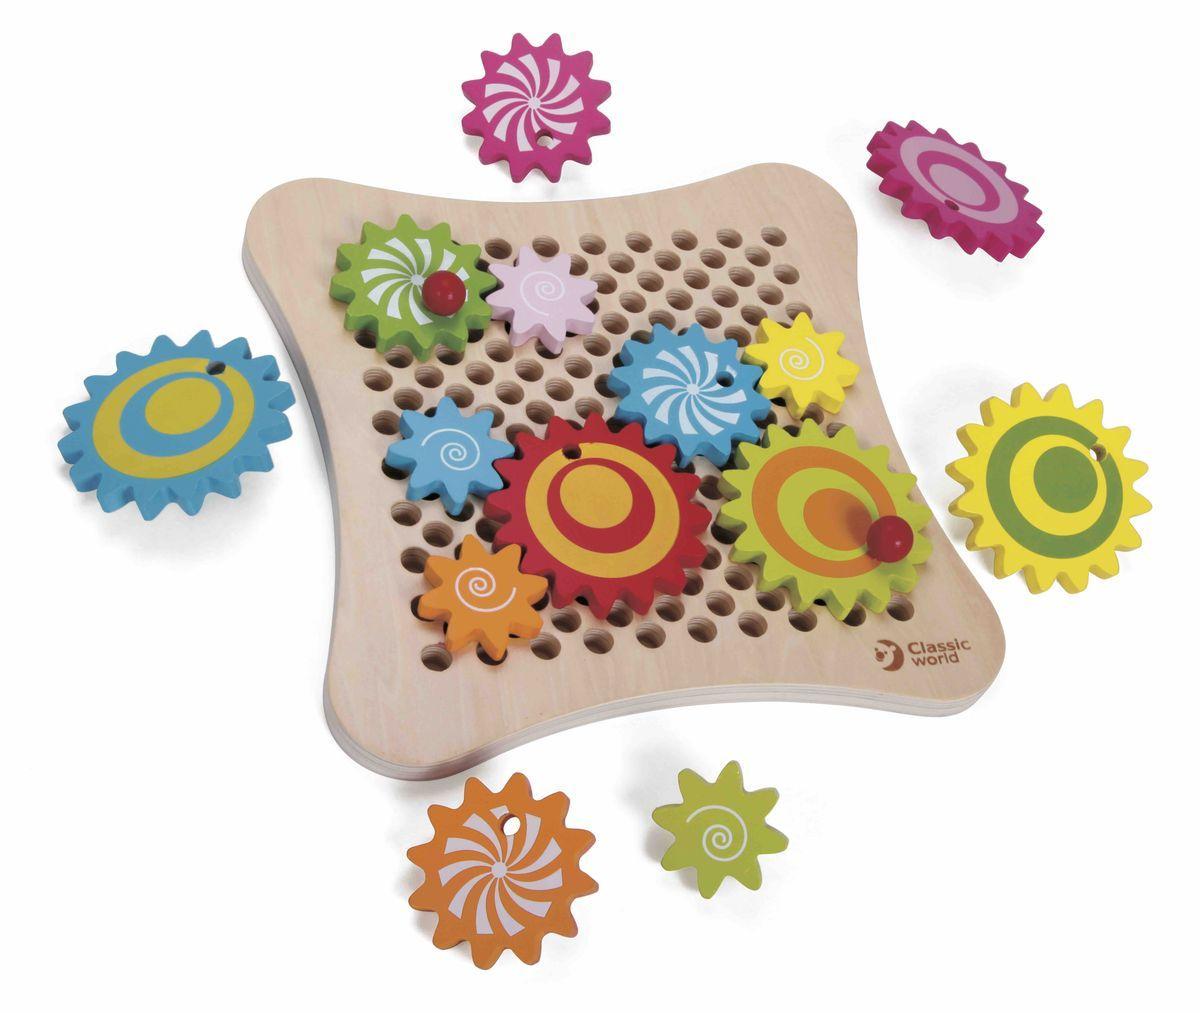 Classic World Развивающая игра Веселые шестеренки деревянные игрушки classic world развивающая игра весёлые шестерёнки